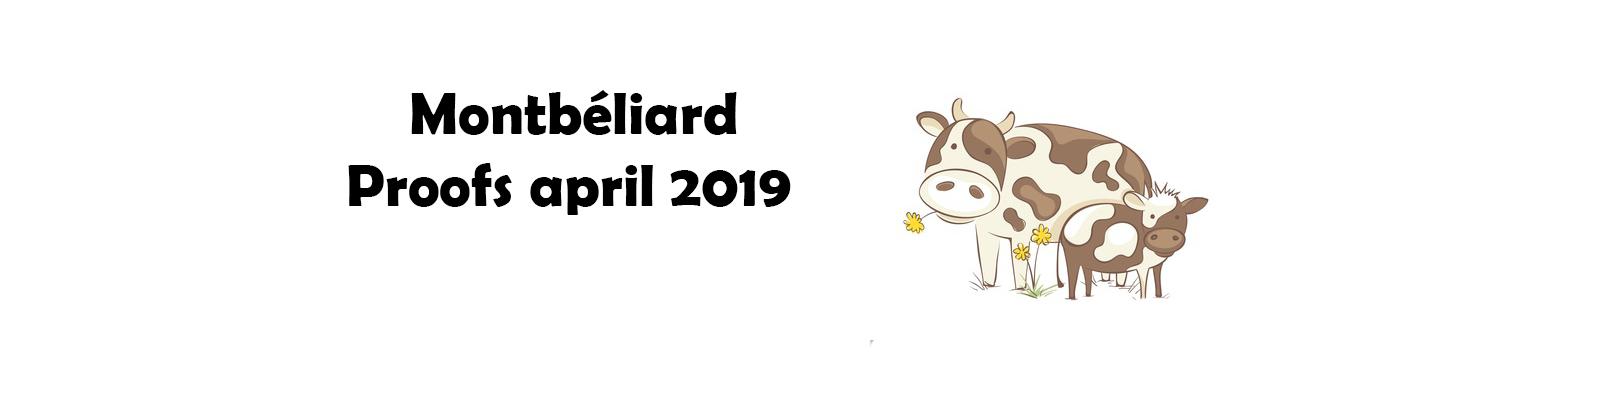 index-en-avril-2019